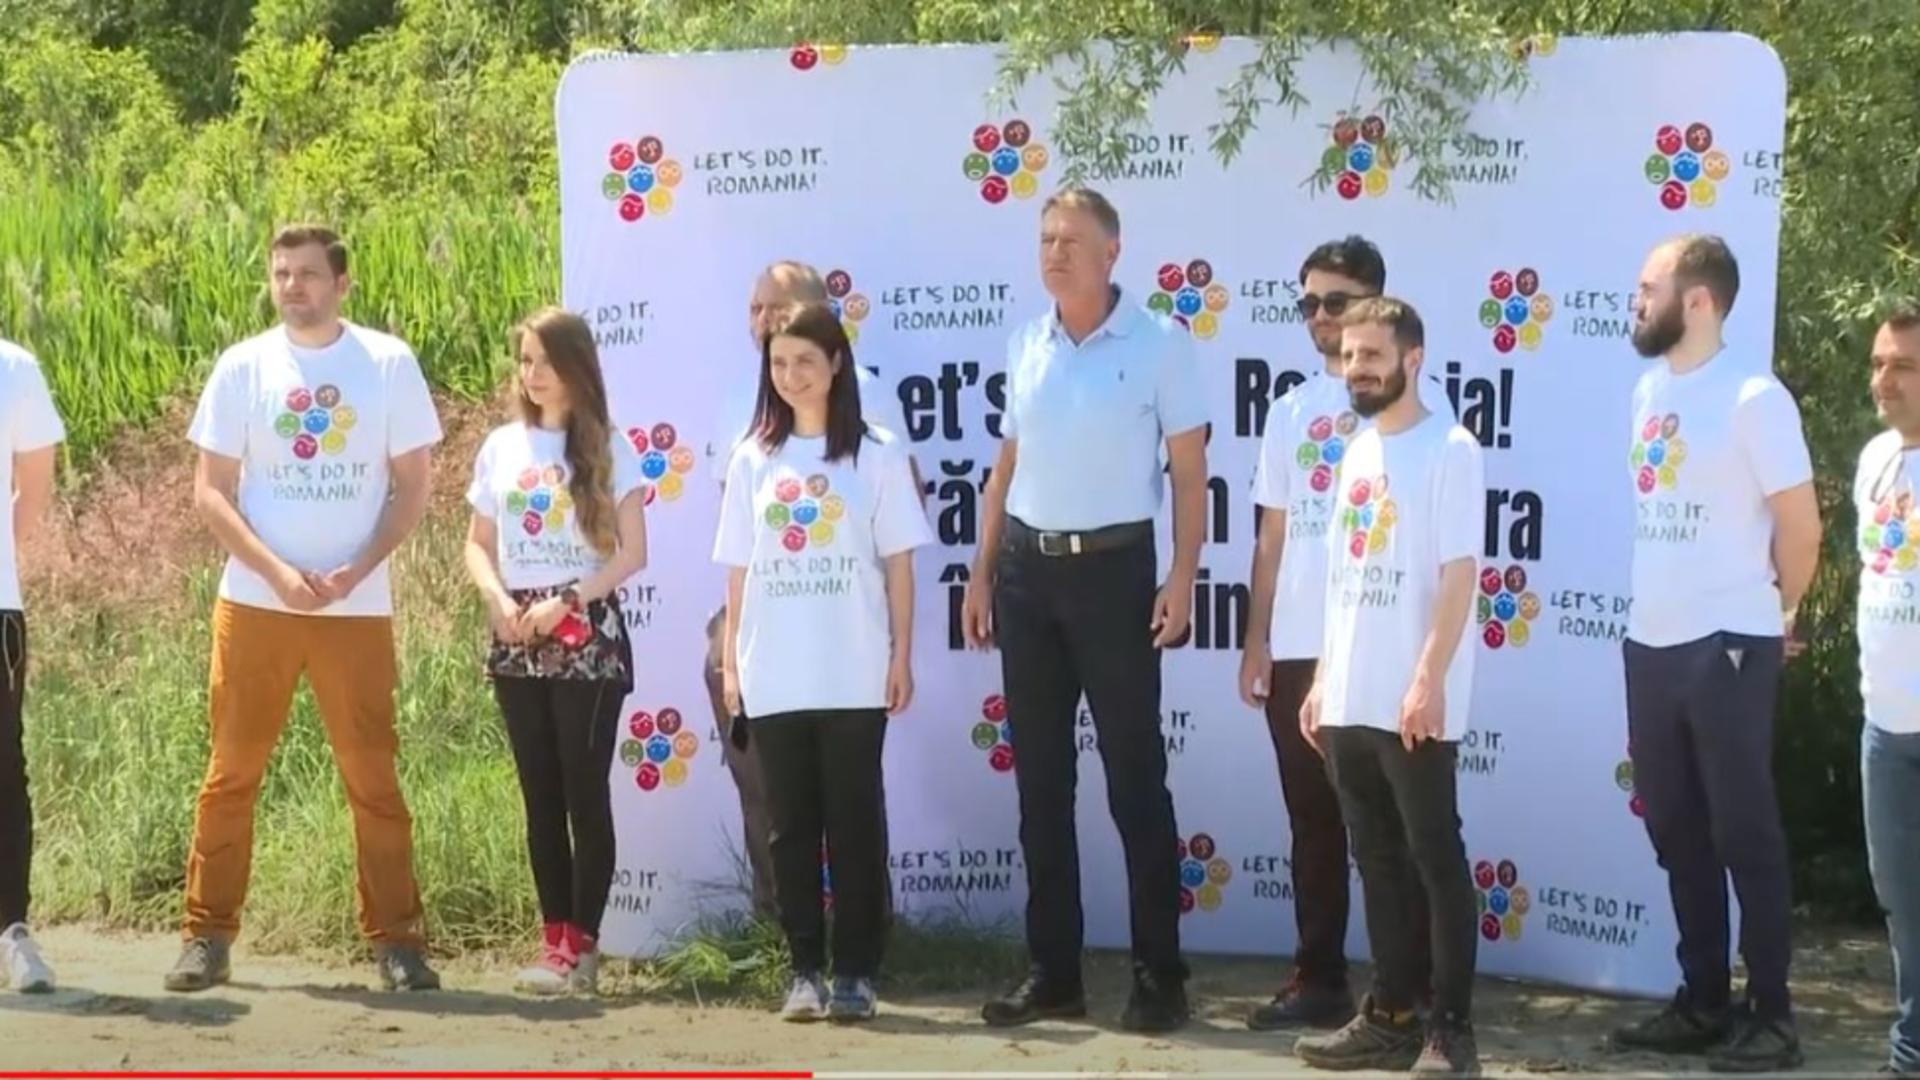 Președintele Iohannis participă la strângerea gunoaielor de pe malul râului Argeș.Foto/captură video